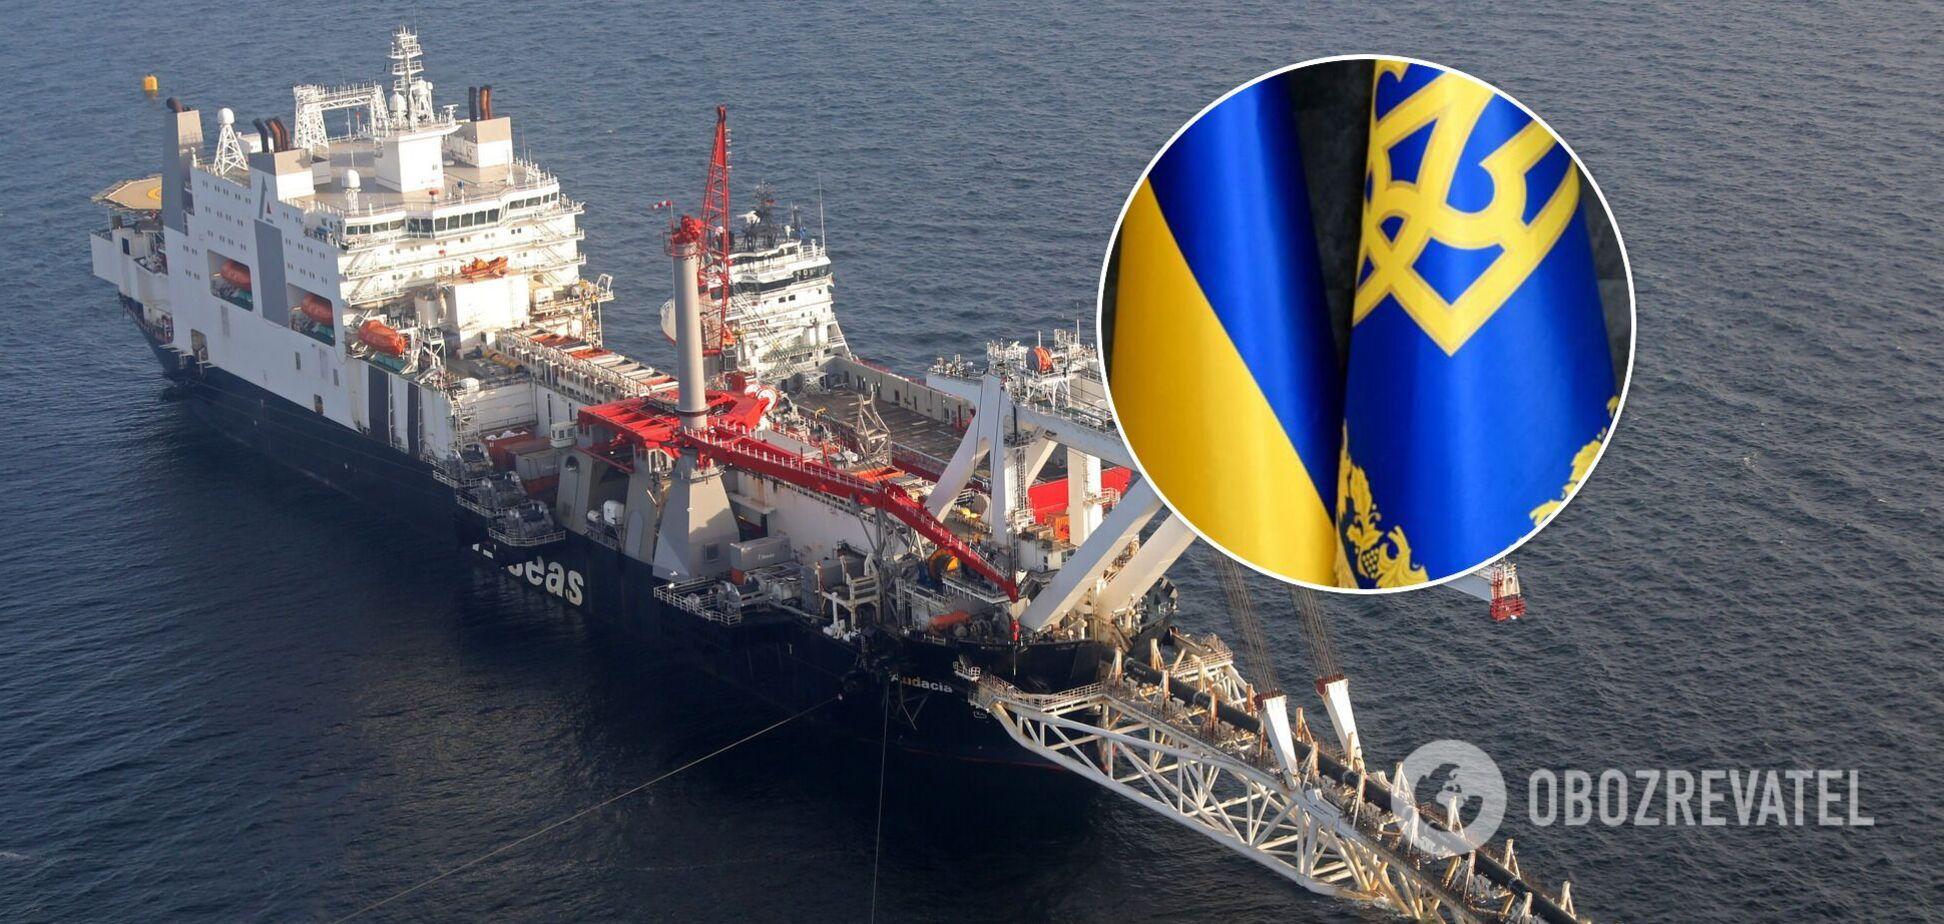 Компенсация Украины за 'Северный поток-2': эксперт назвал единственный приемлемый вариант